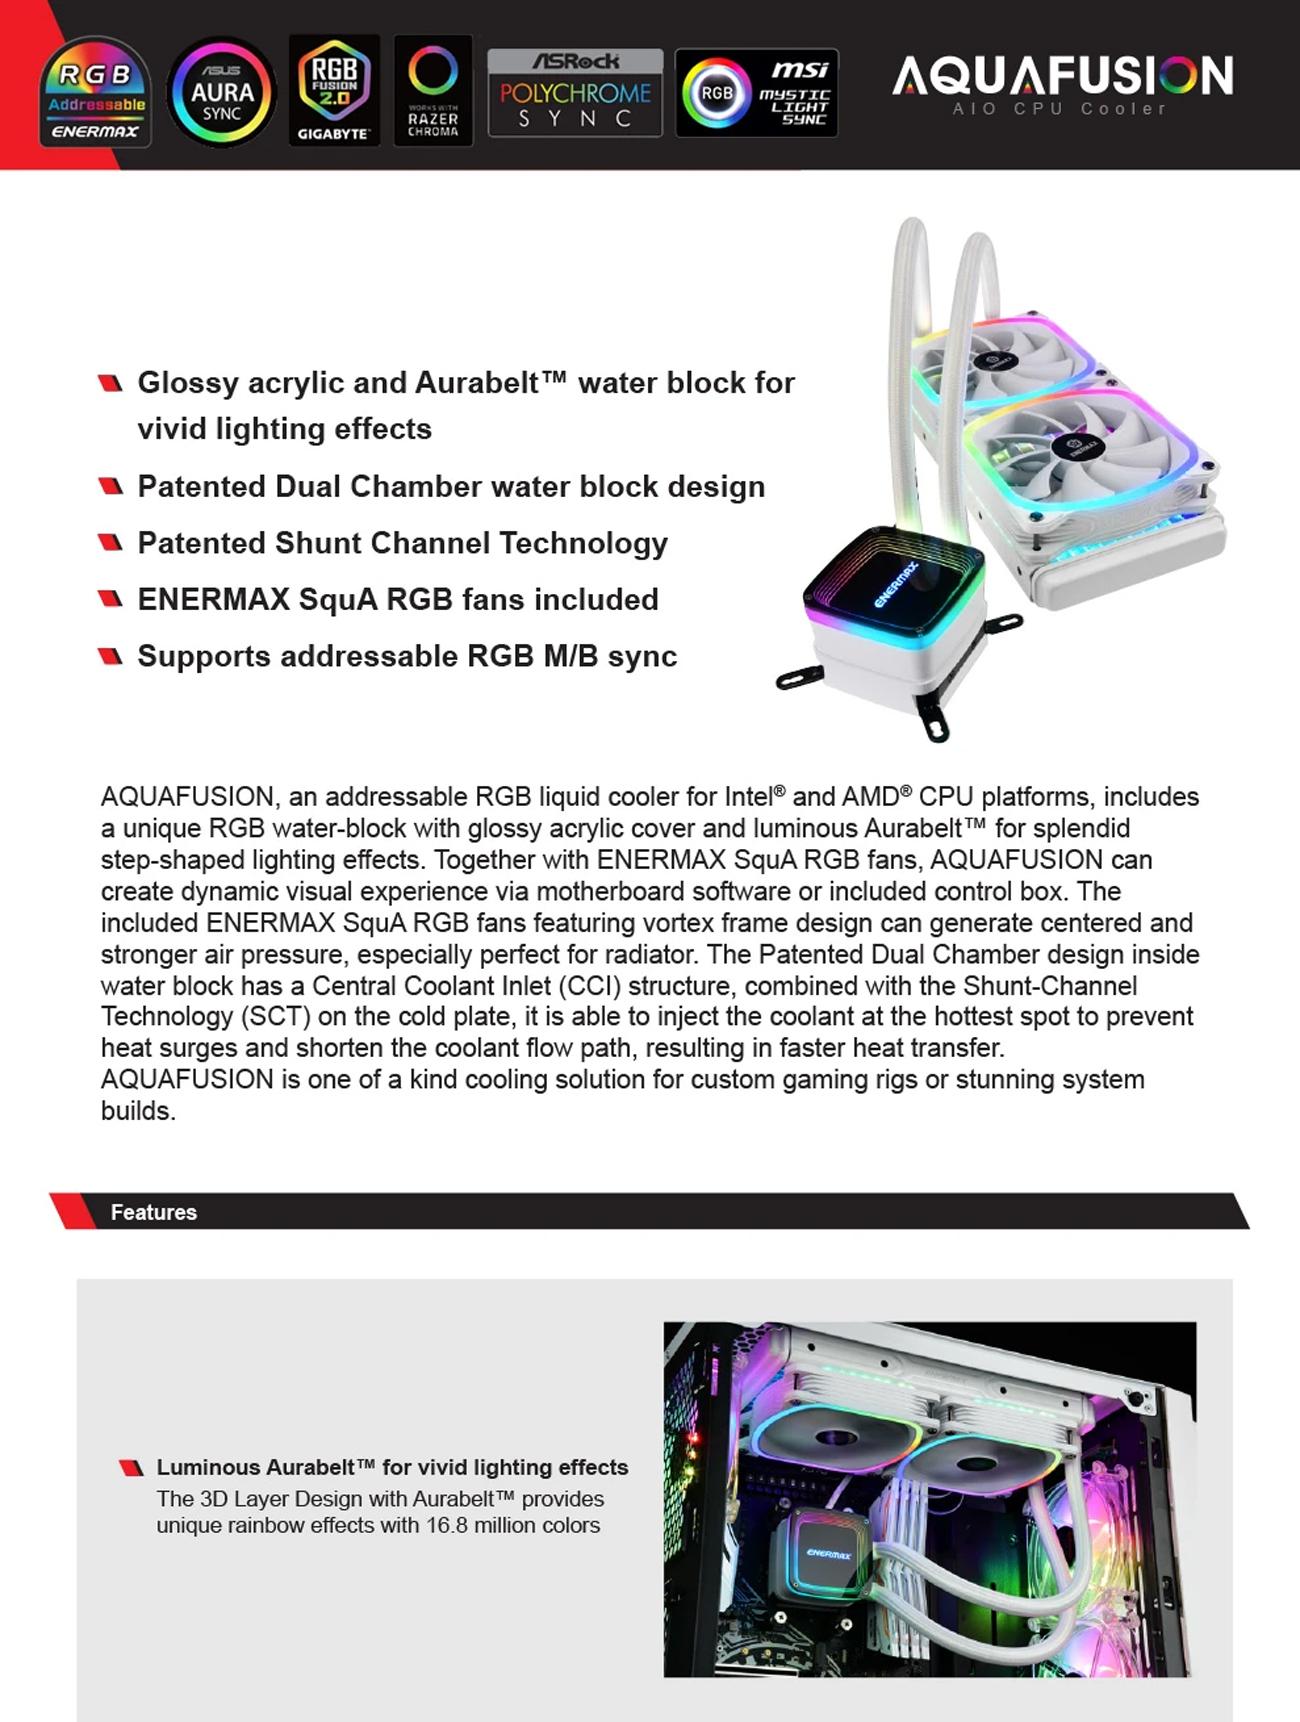 Enermax AQUAFUSION 240 CPU Liquid Cooler